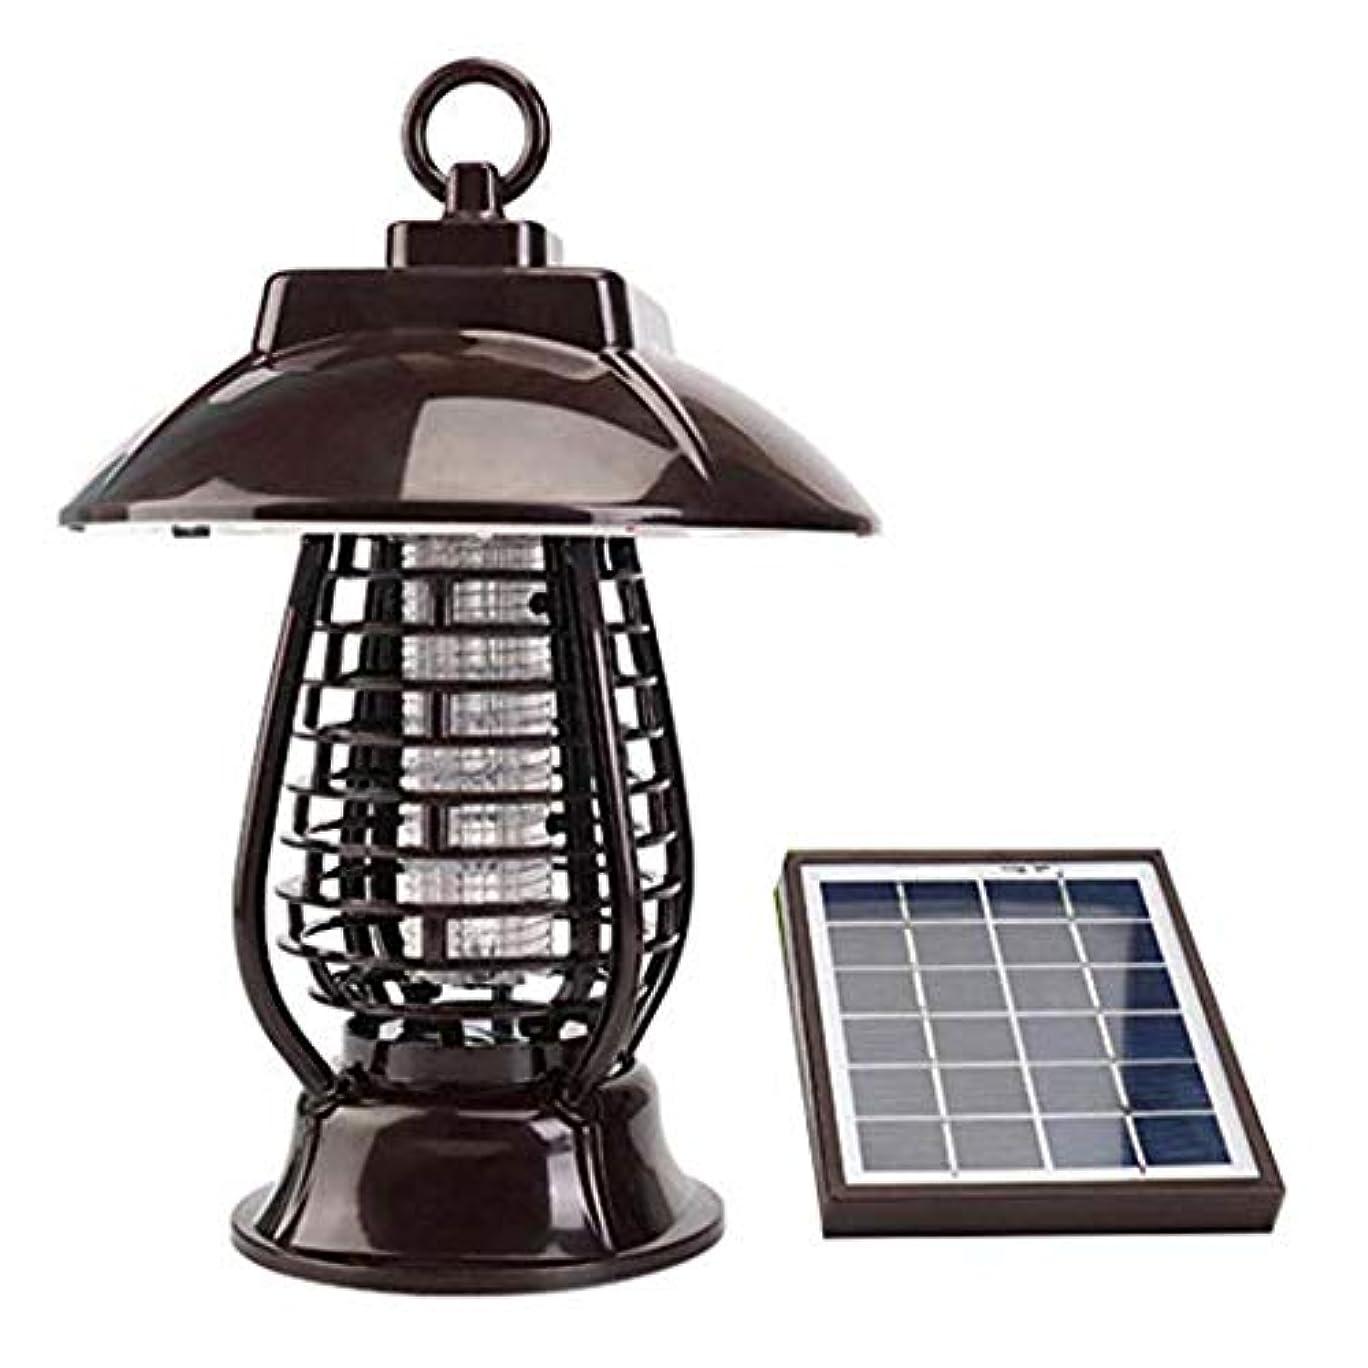 称賛チョークマグソーラーモスキートキラー、充電式ガーデン屋外殺虫ランプ、電子蚊忌避剤モスキートトラップ